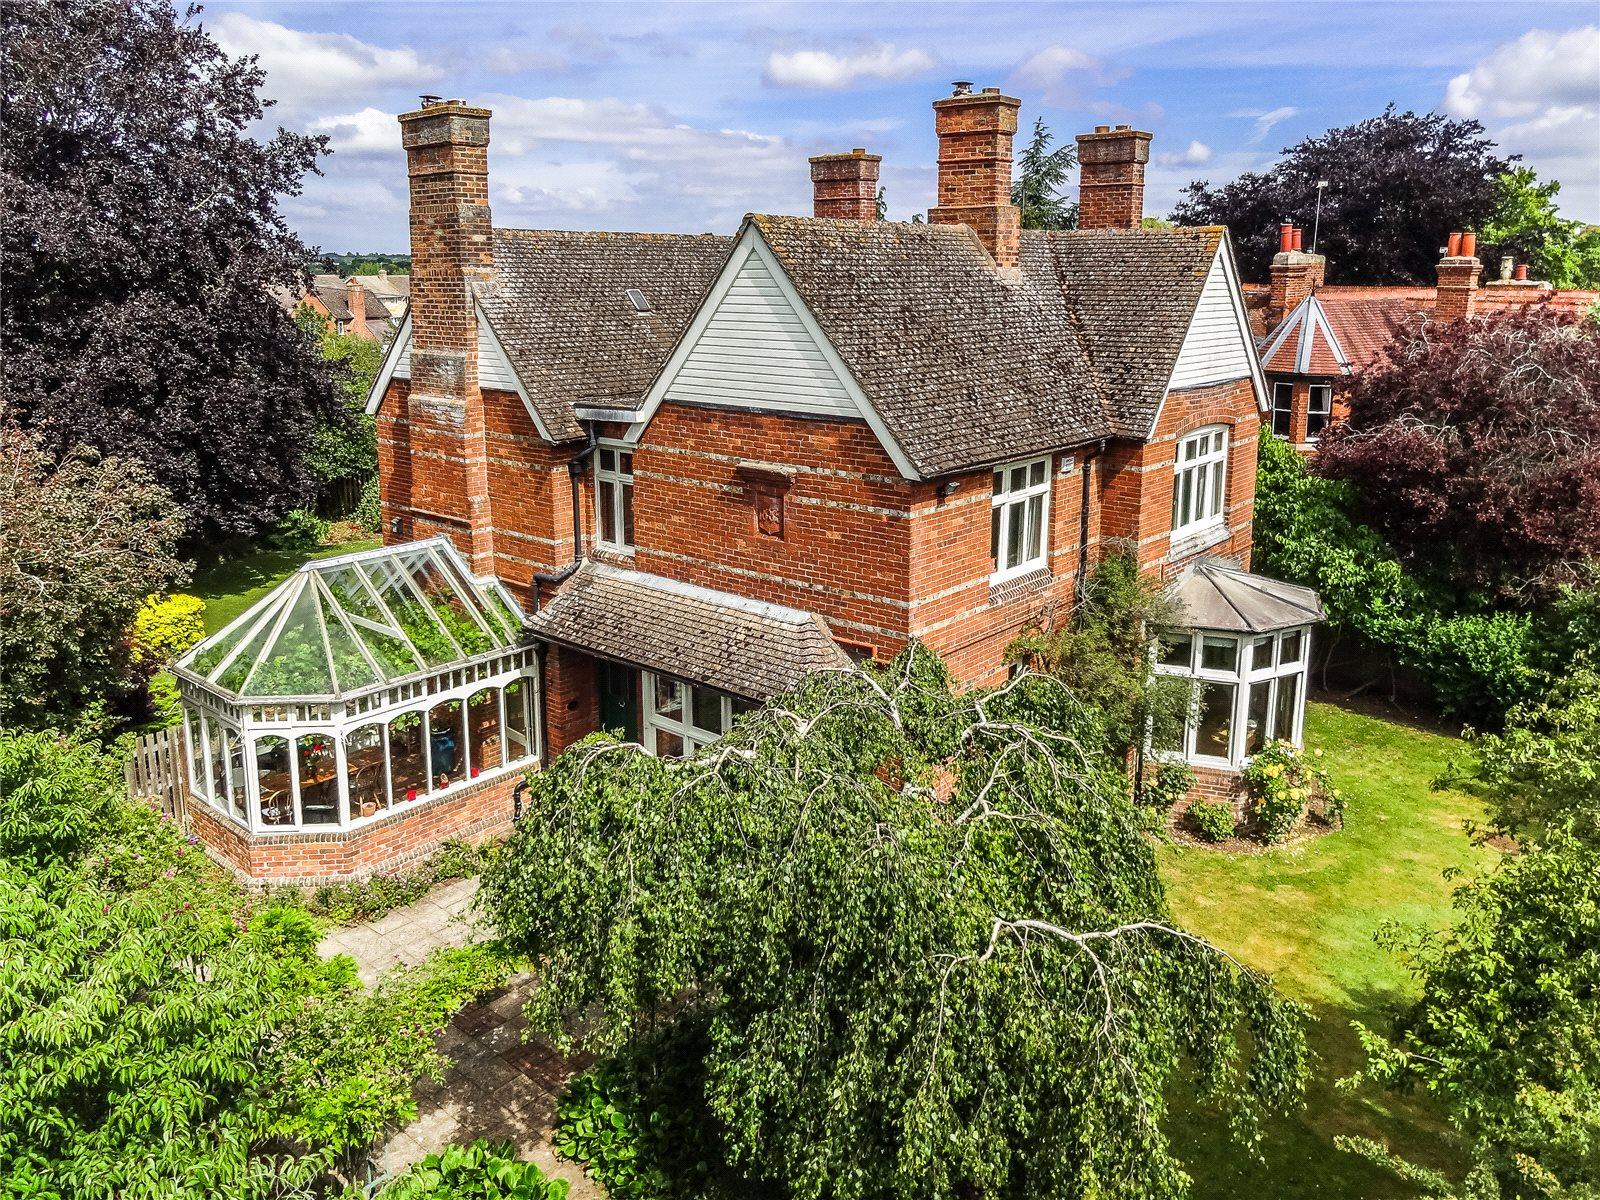 Maison unifamiliale pour l Vente à Park Crescent, Abingdon, Oxfordshire, OX14 Abingdon, Angleterre